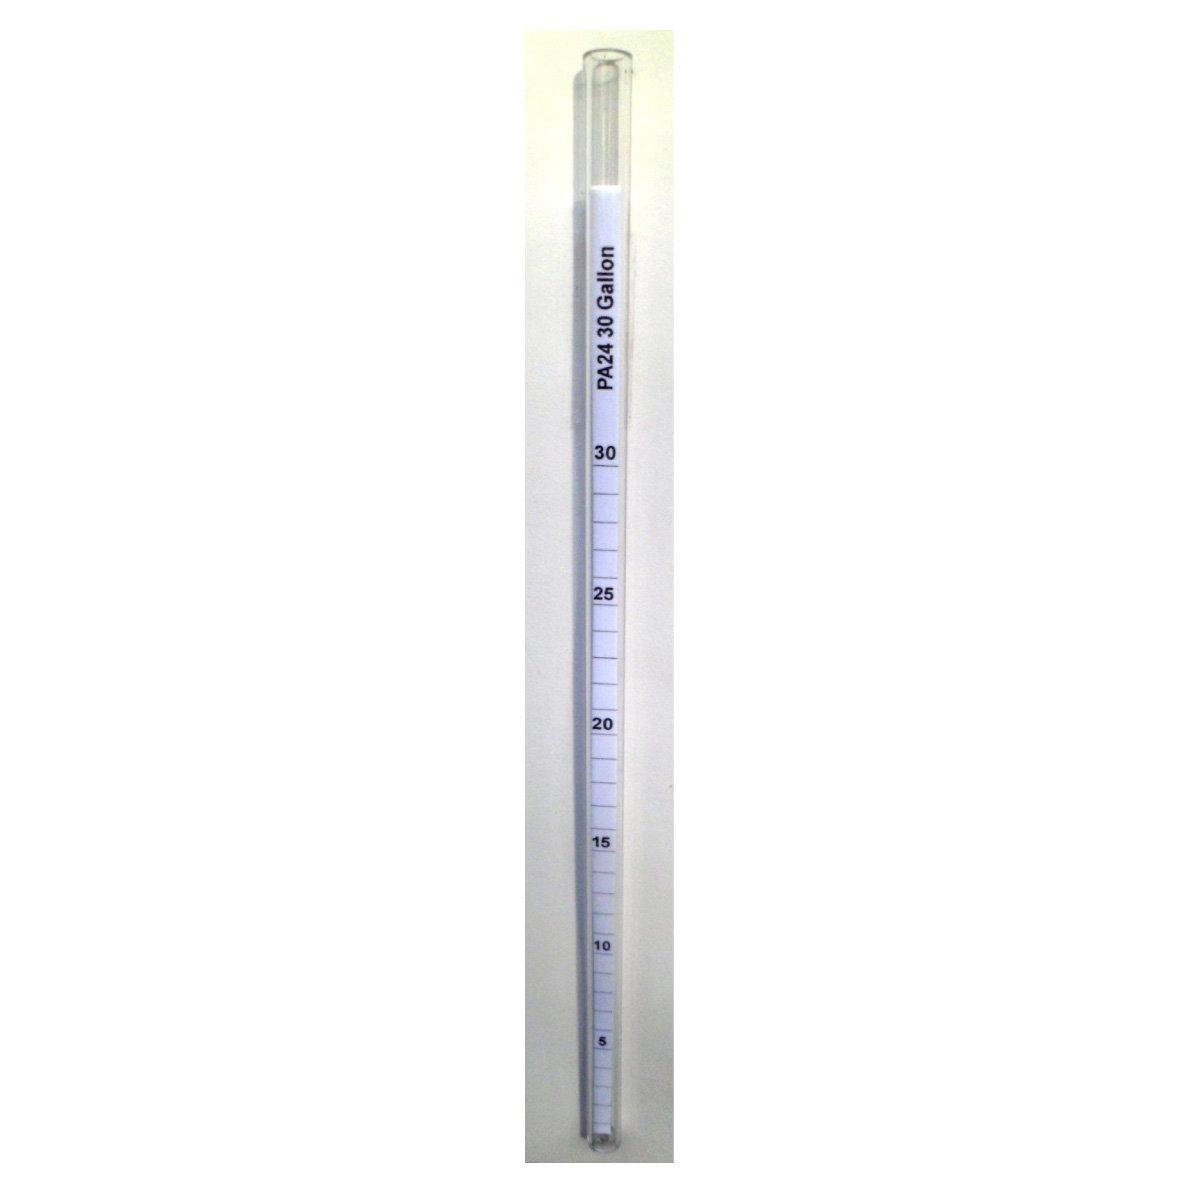 Direct Level Fuel Indicator piper PA24 30 Gallon